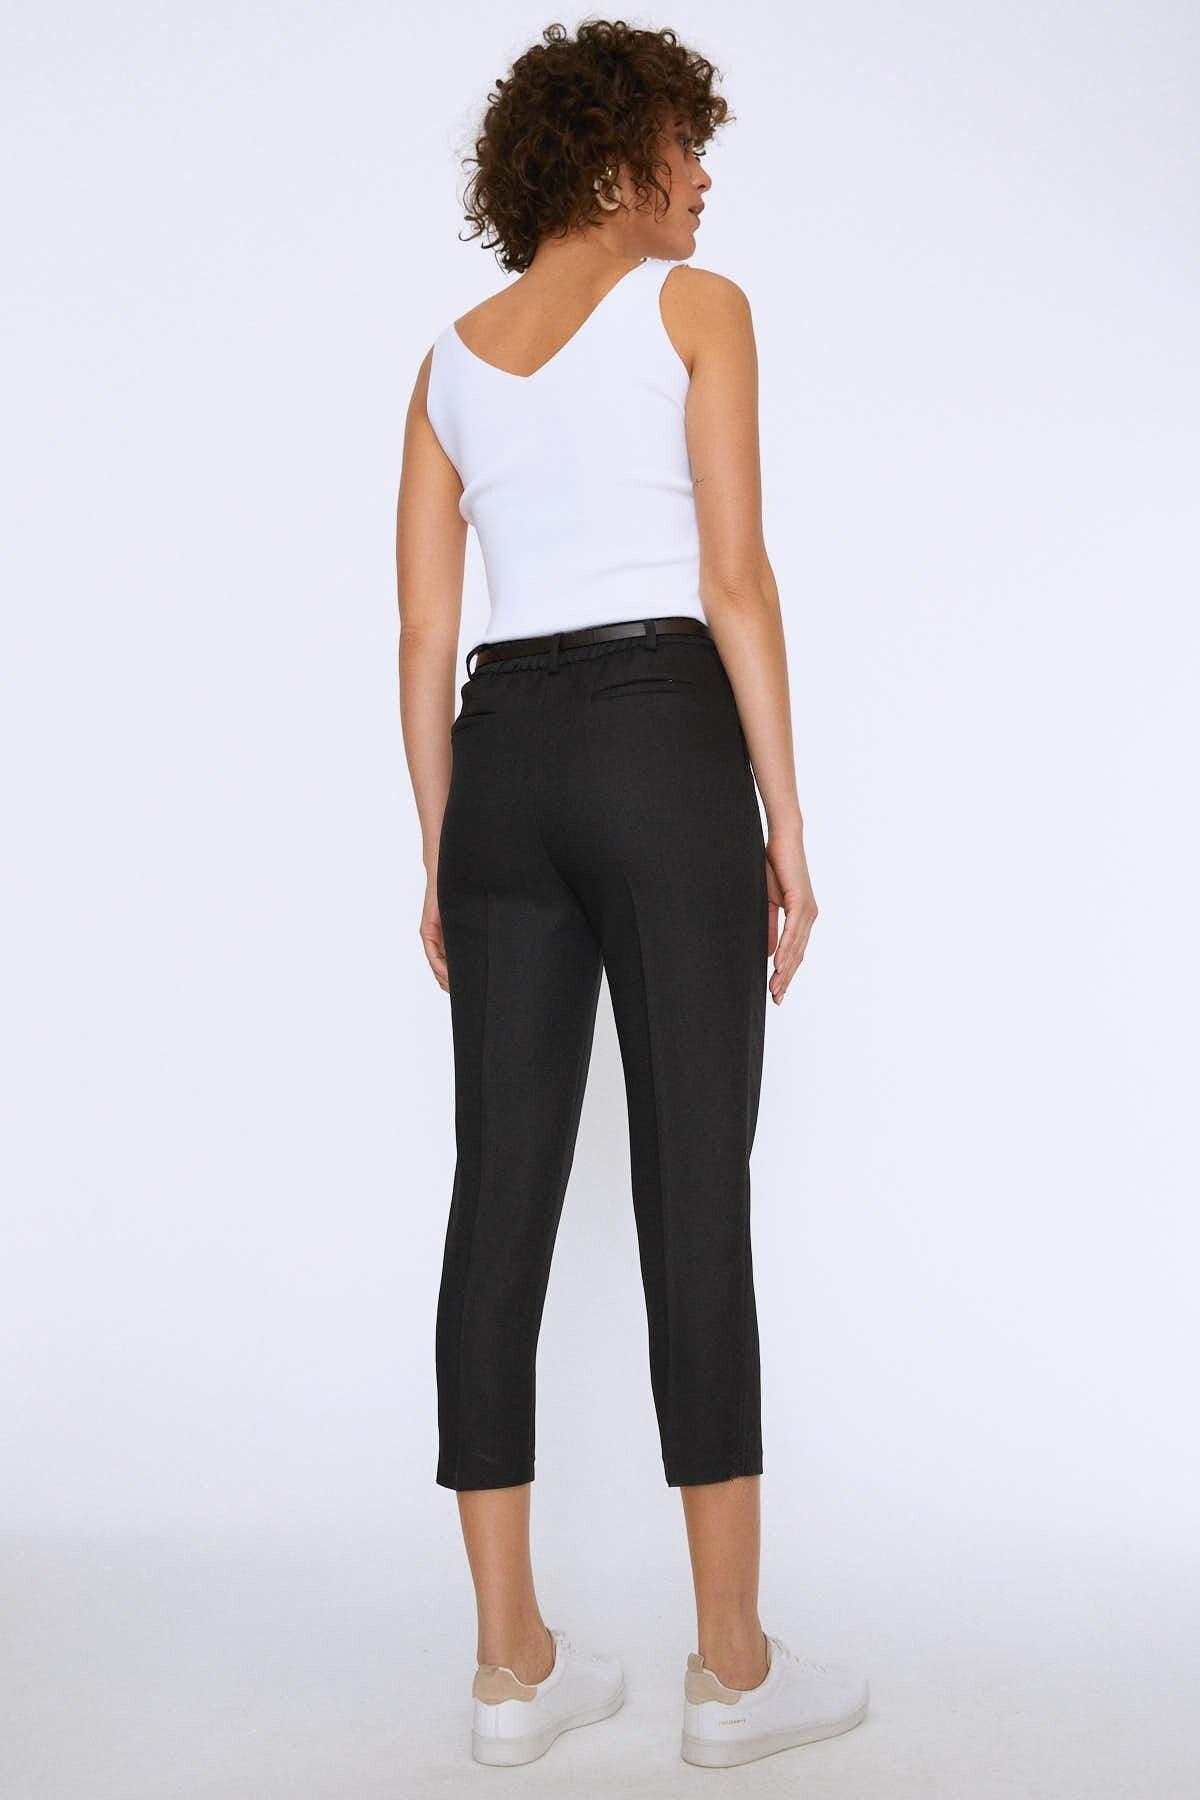 Quzu Kadın Yüksek Bel Kemerli Pantolon Siyah 20K70651-001 3